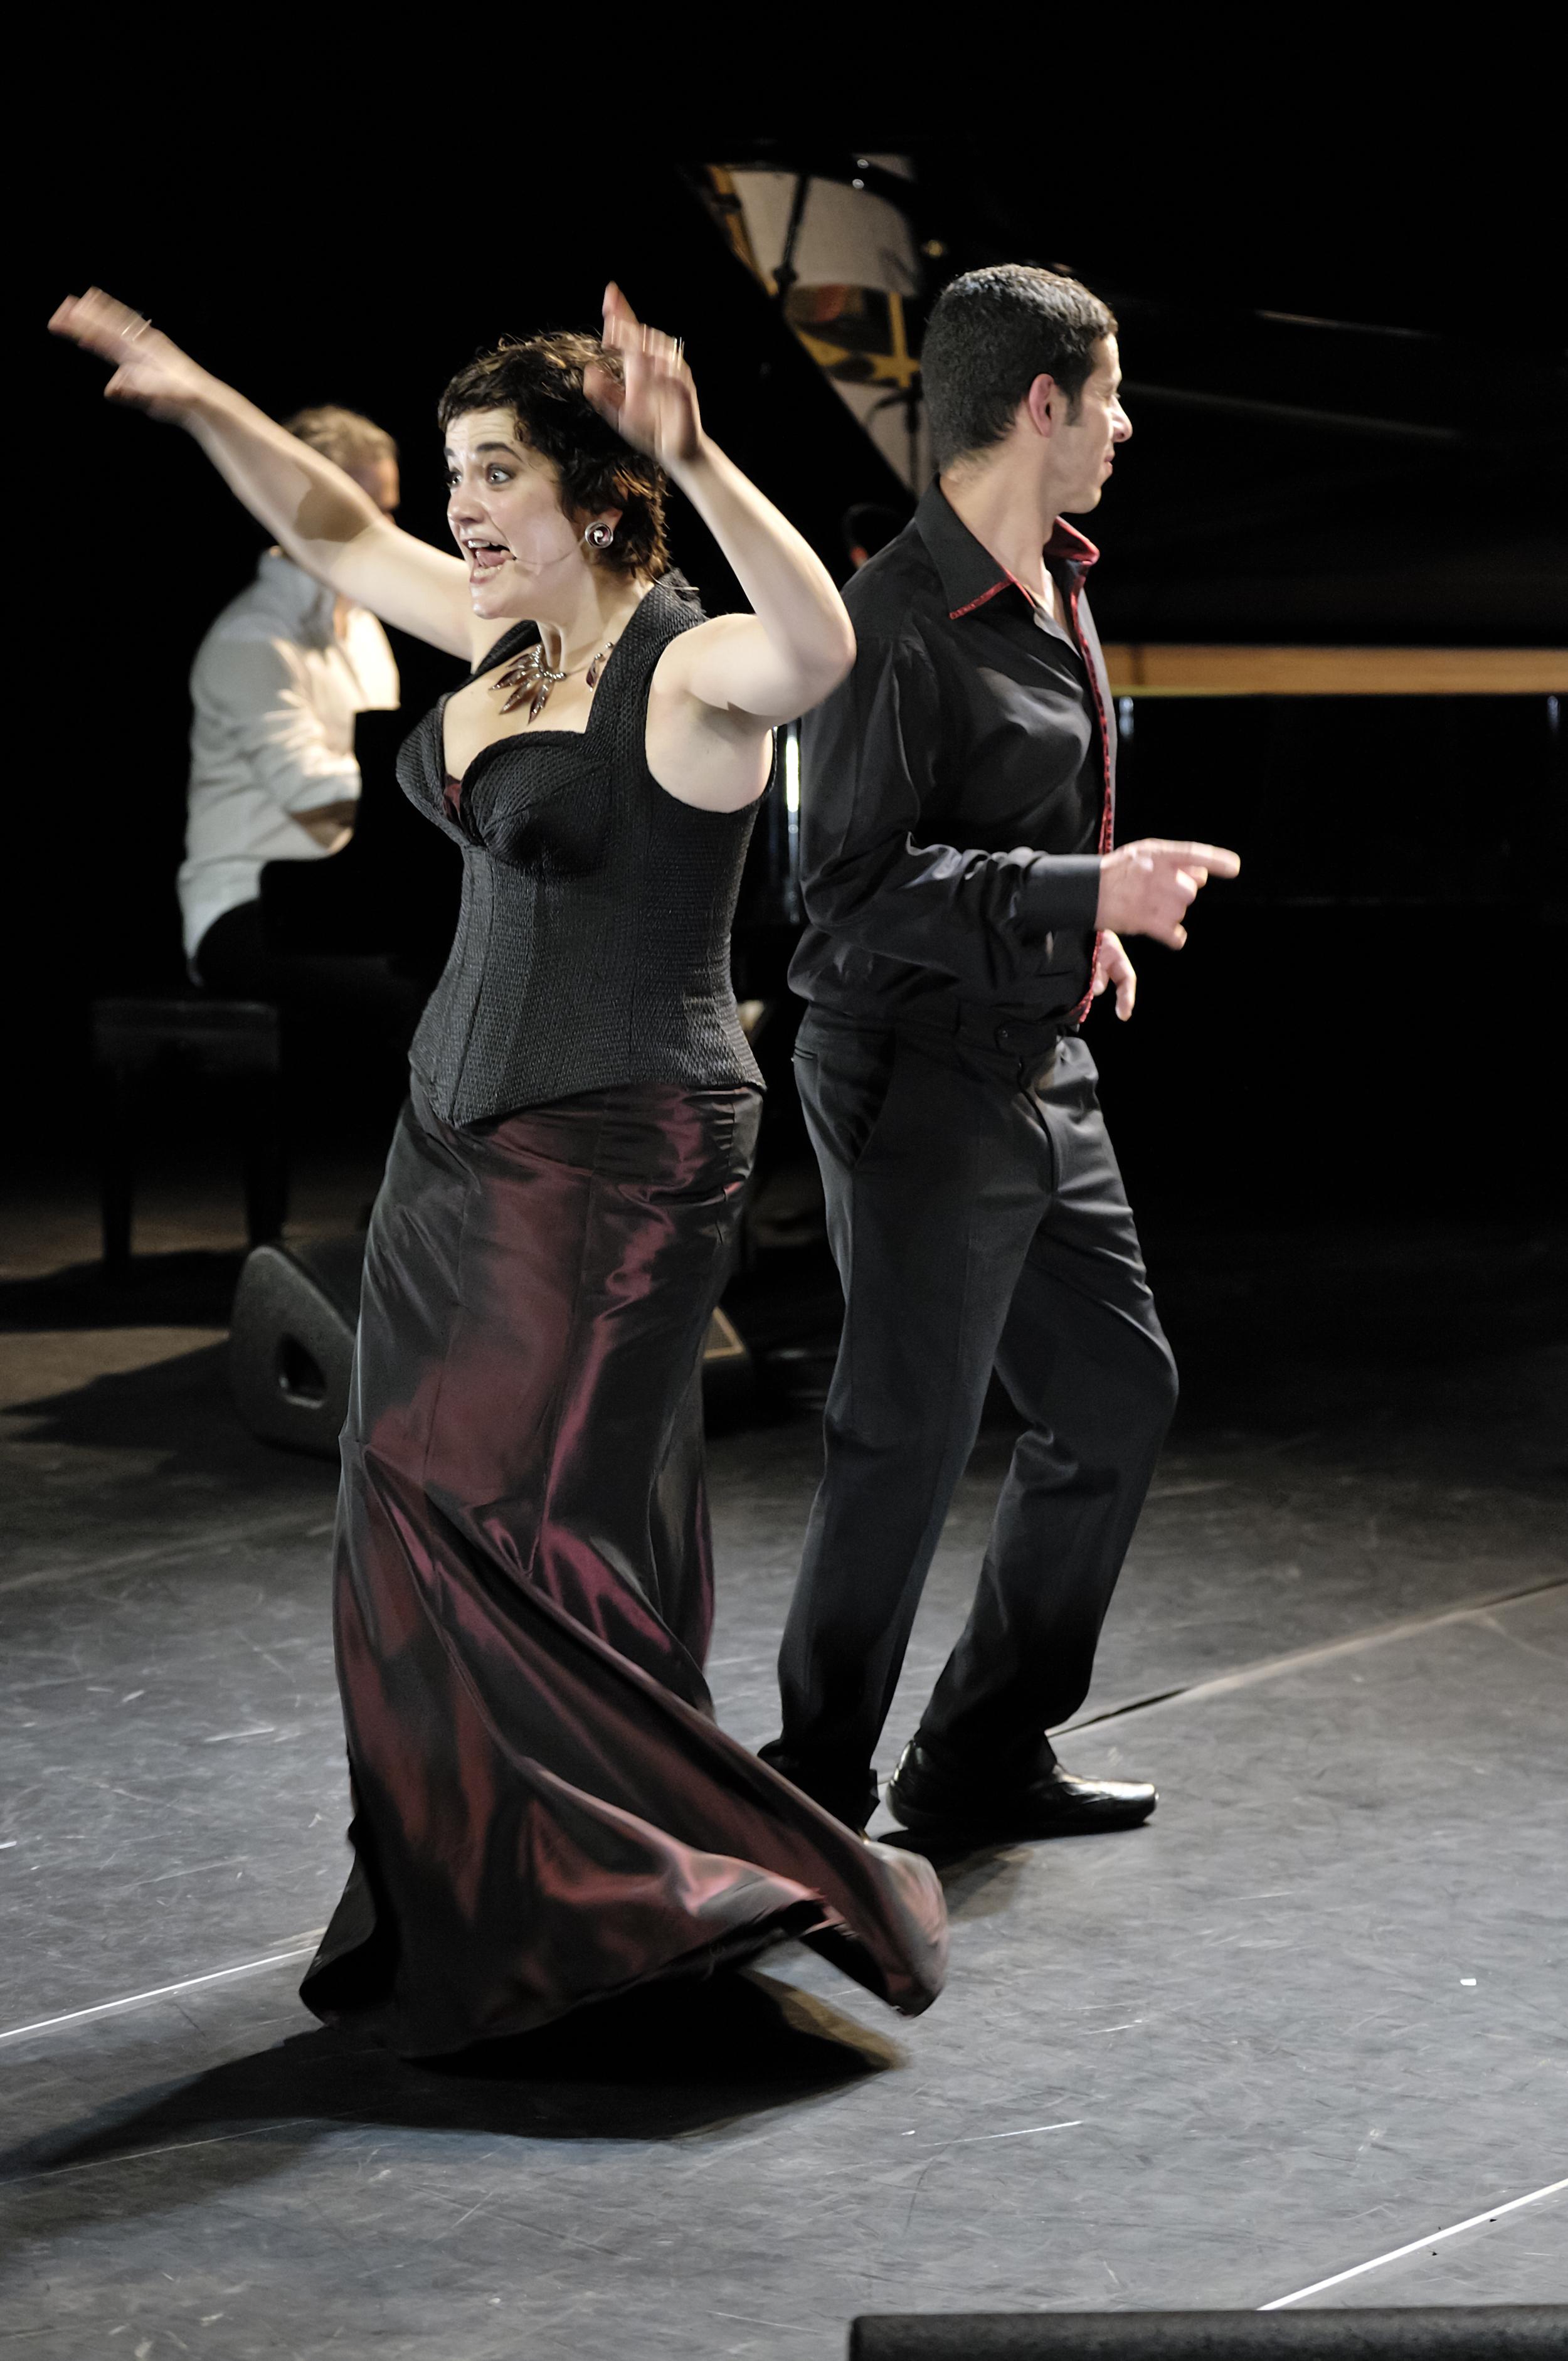 Costume de scène pour la chanteuse Colombe : corset et jupe en taffetas